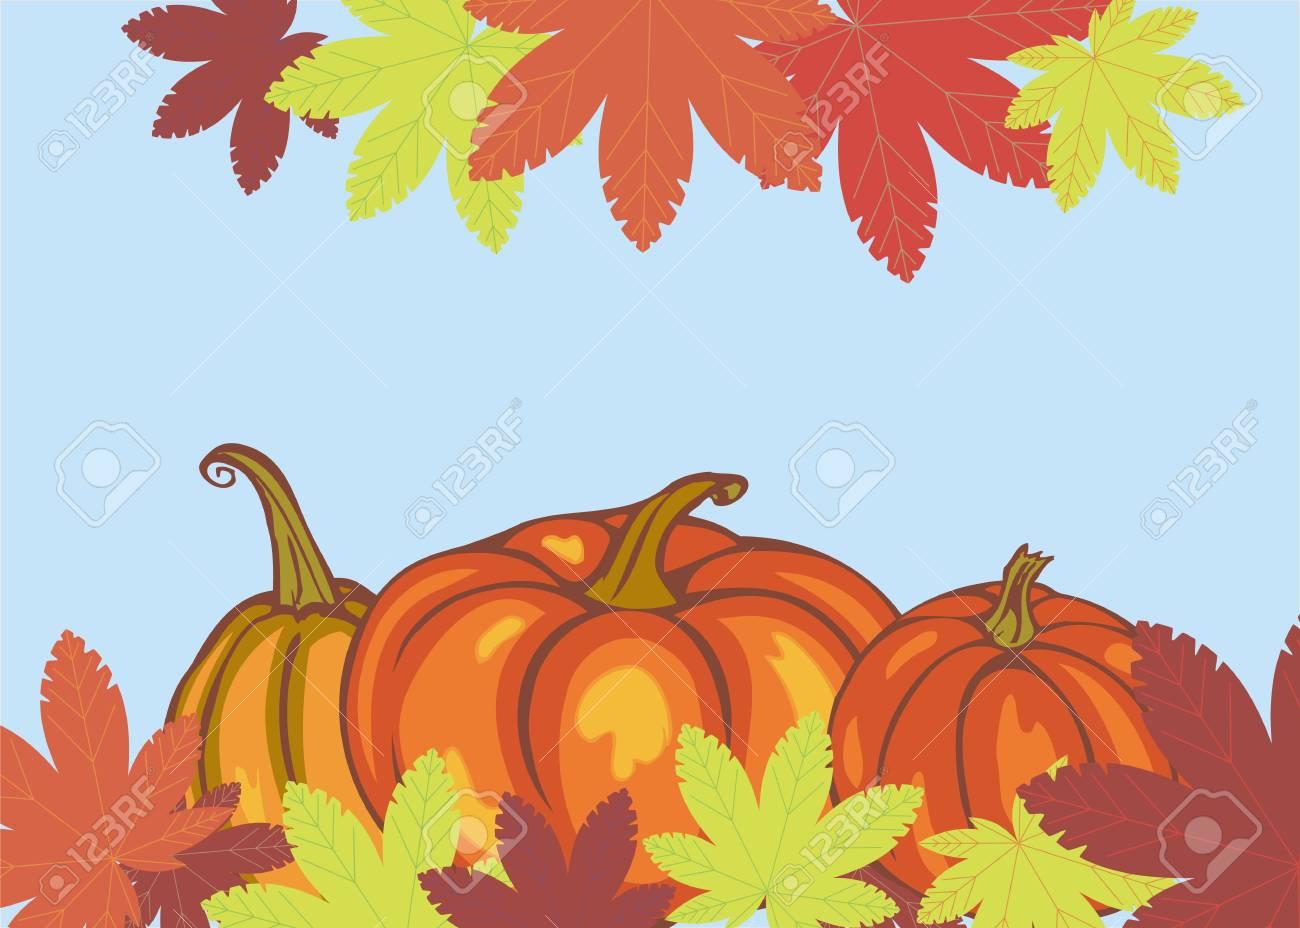 Großartig Herbstlaub Vorlage Galerie - Beispiel Zusammenfassung ...